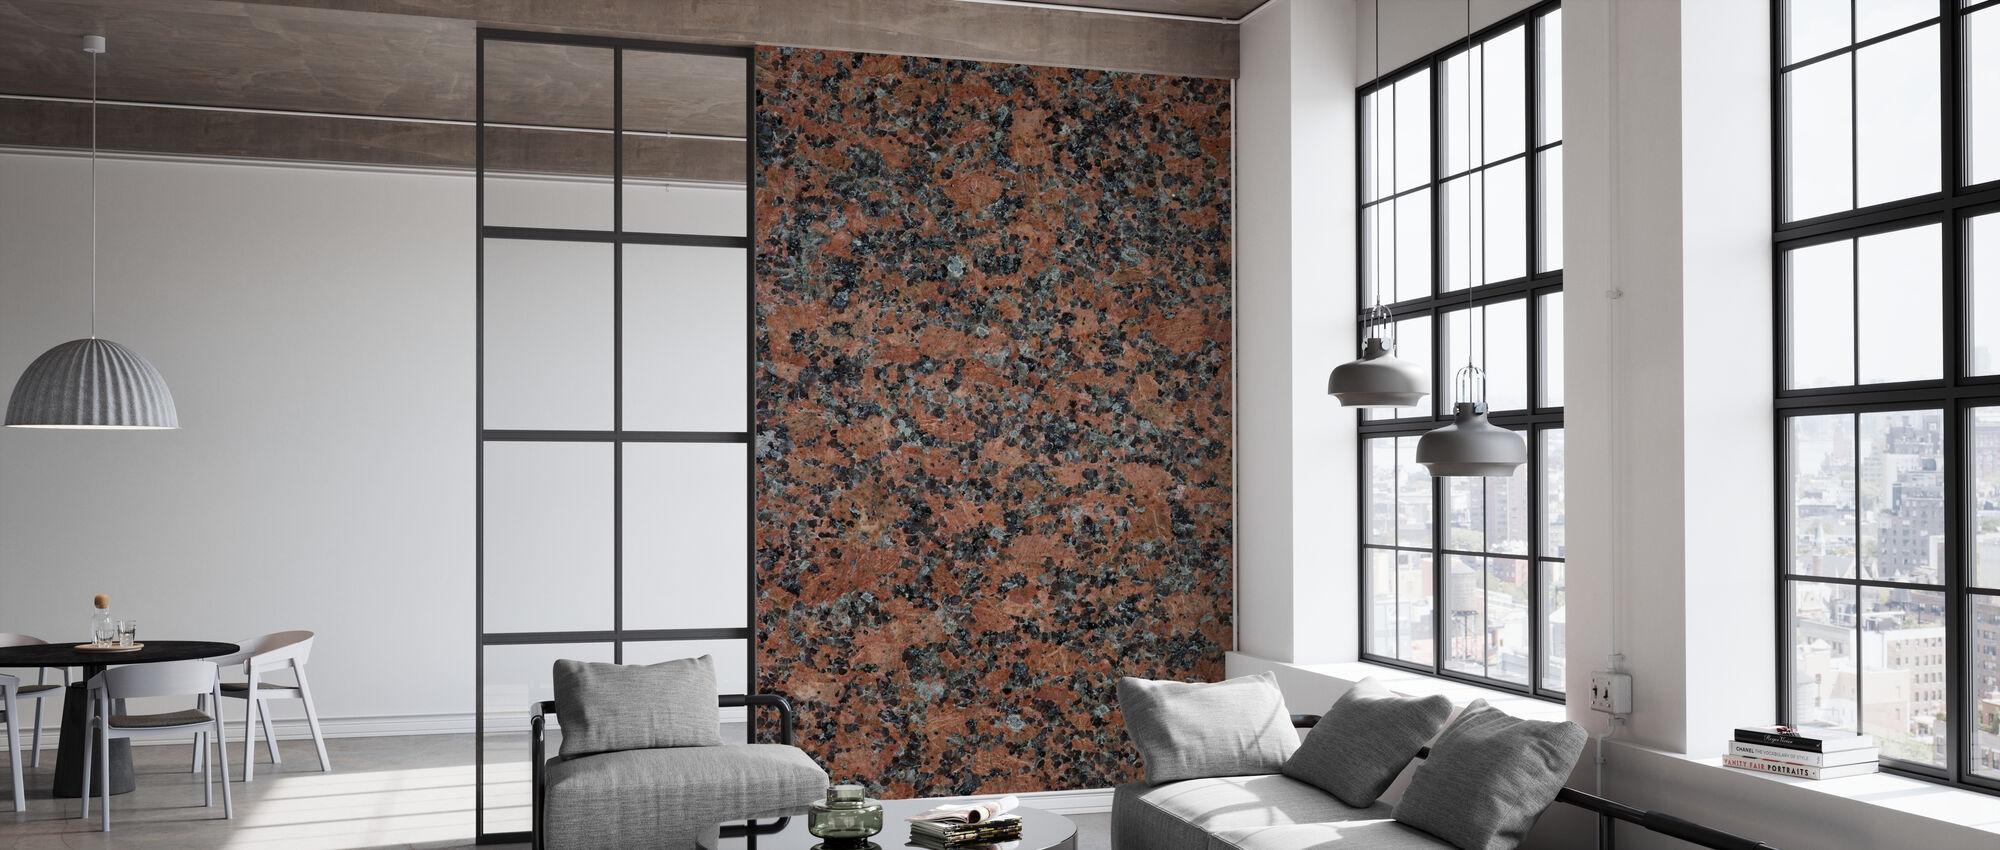 Black and Brown Granite - Wallpaper - Office